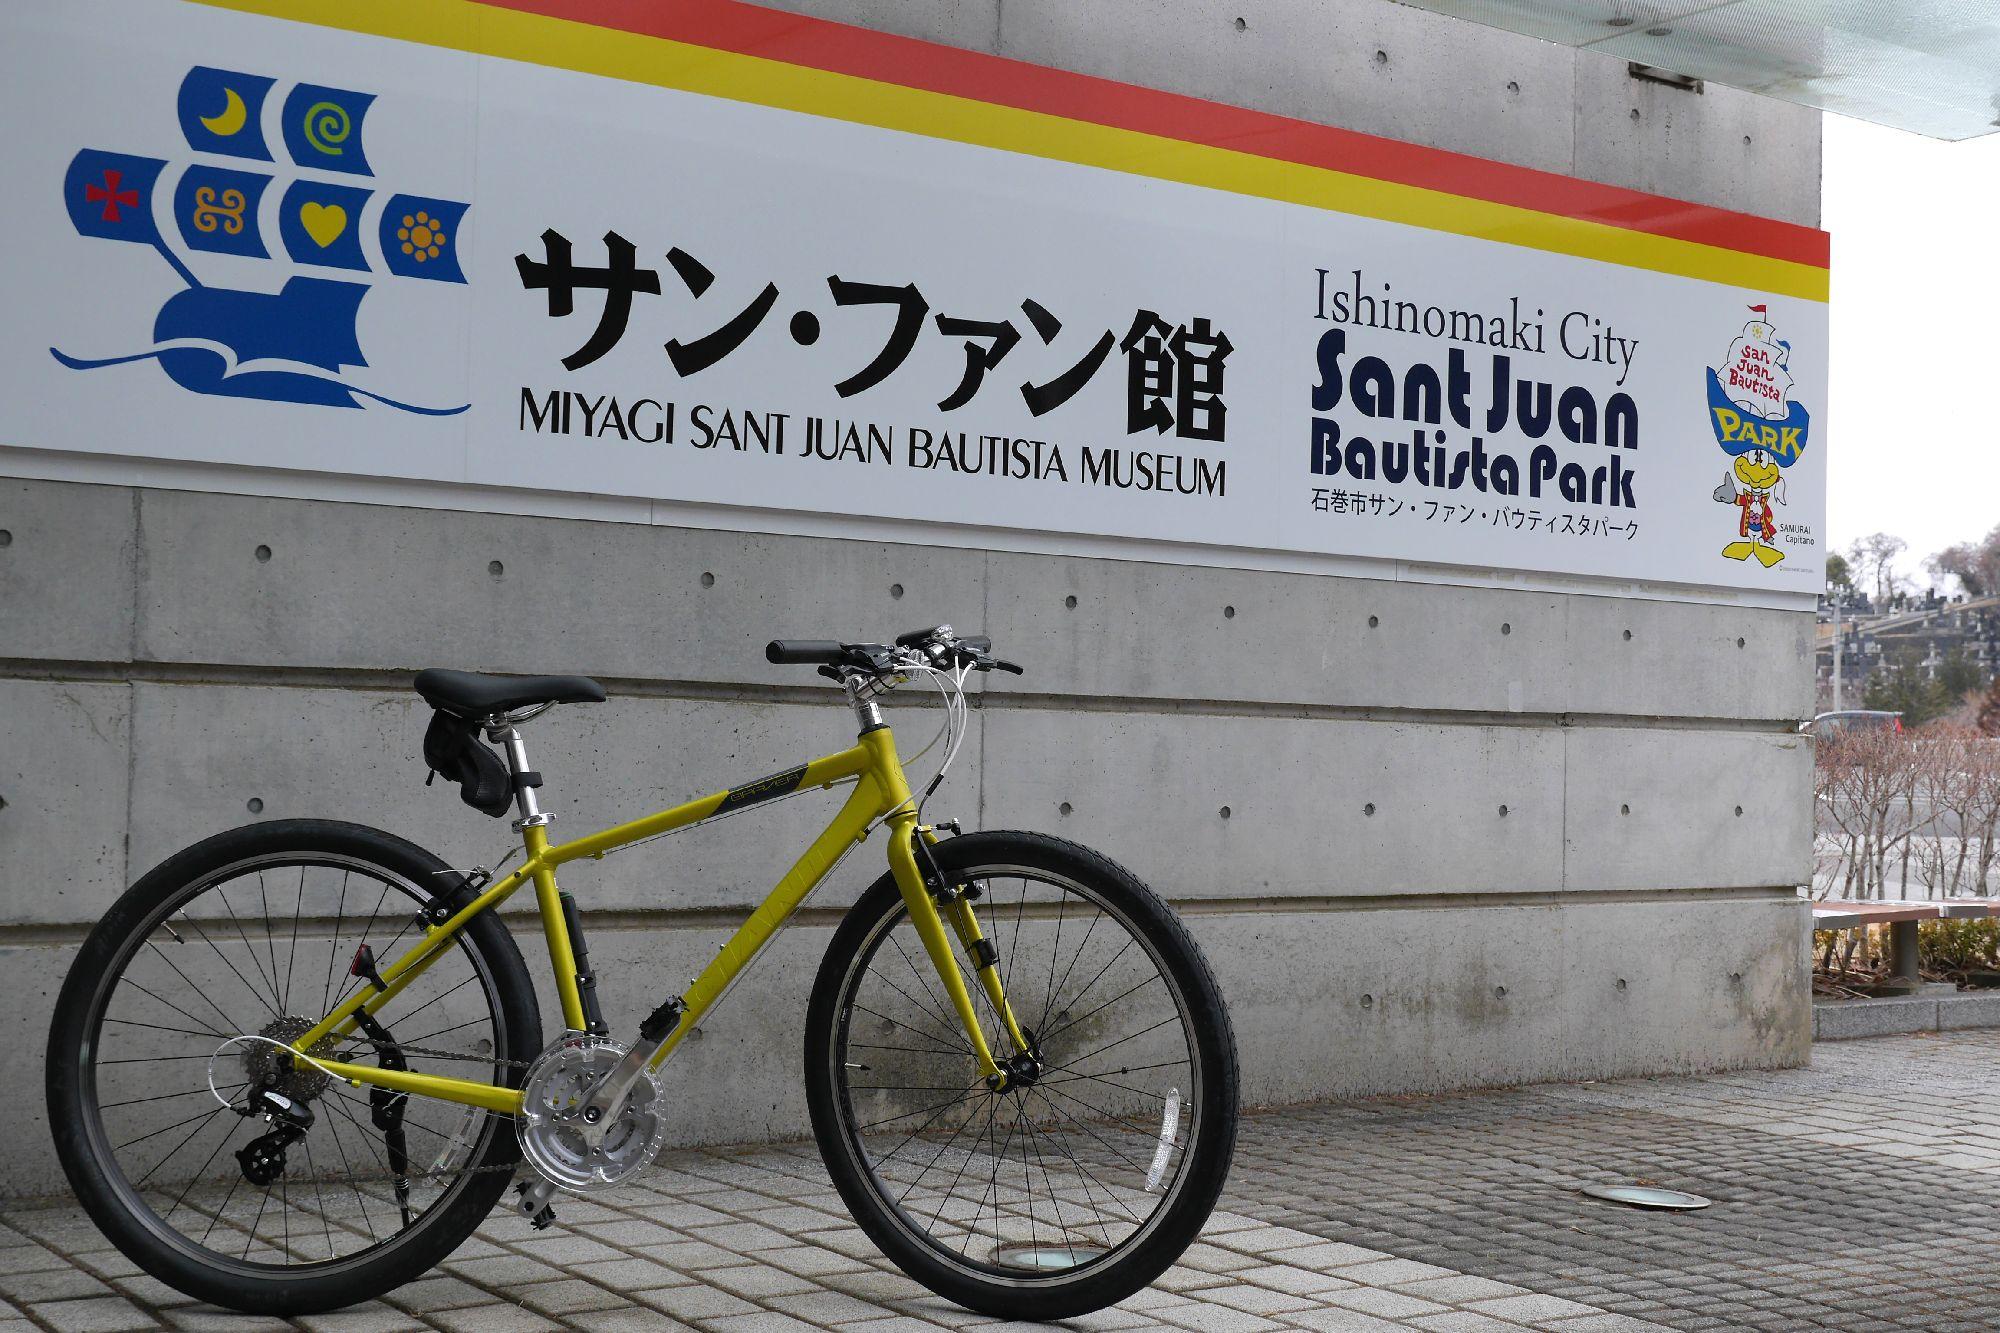 サン・ファンパーク レンタサイクル【商品番号:80200】